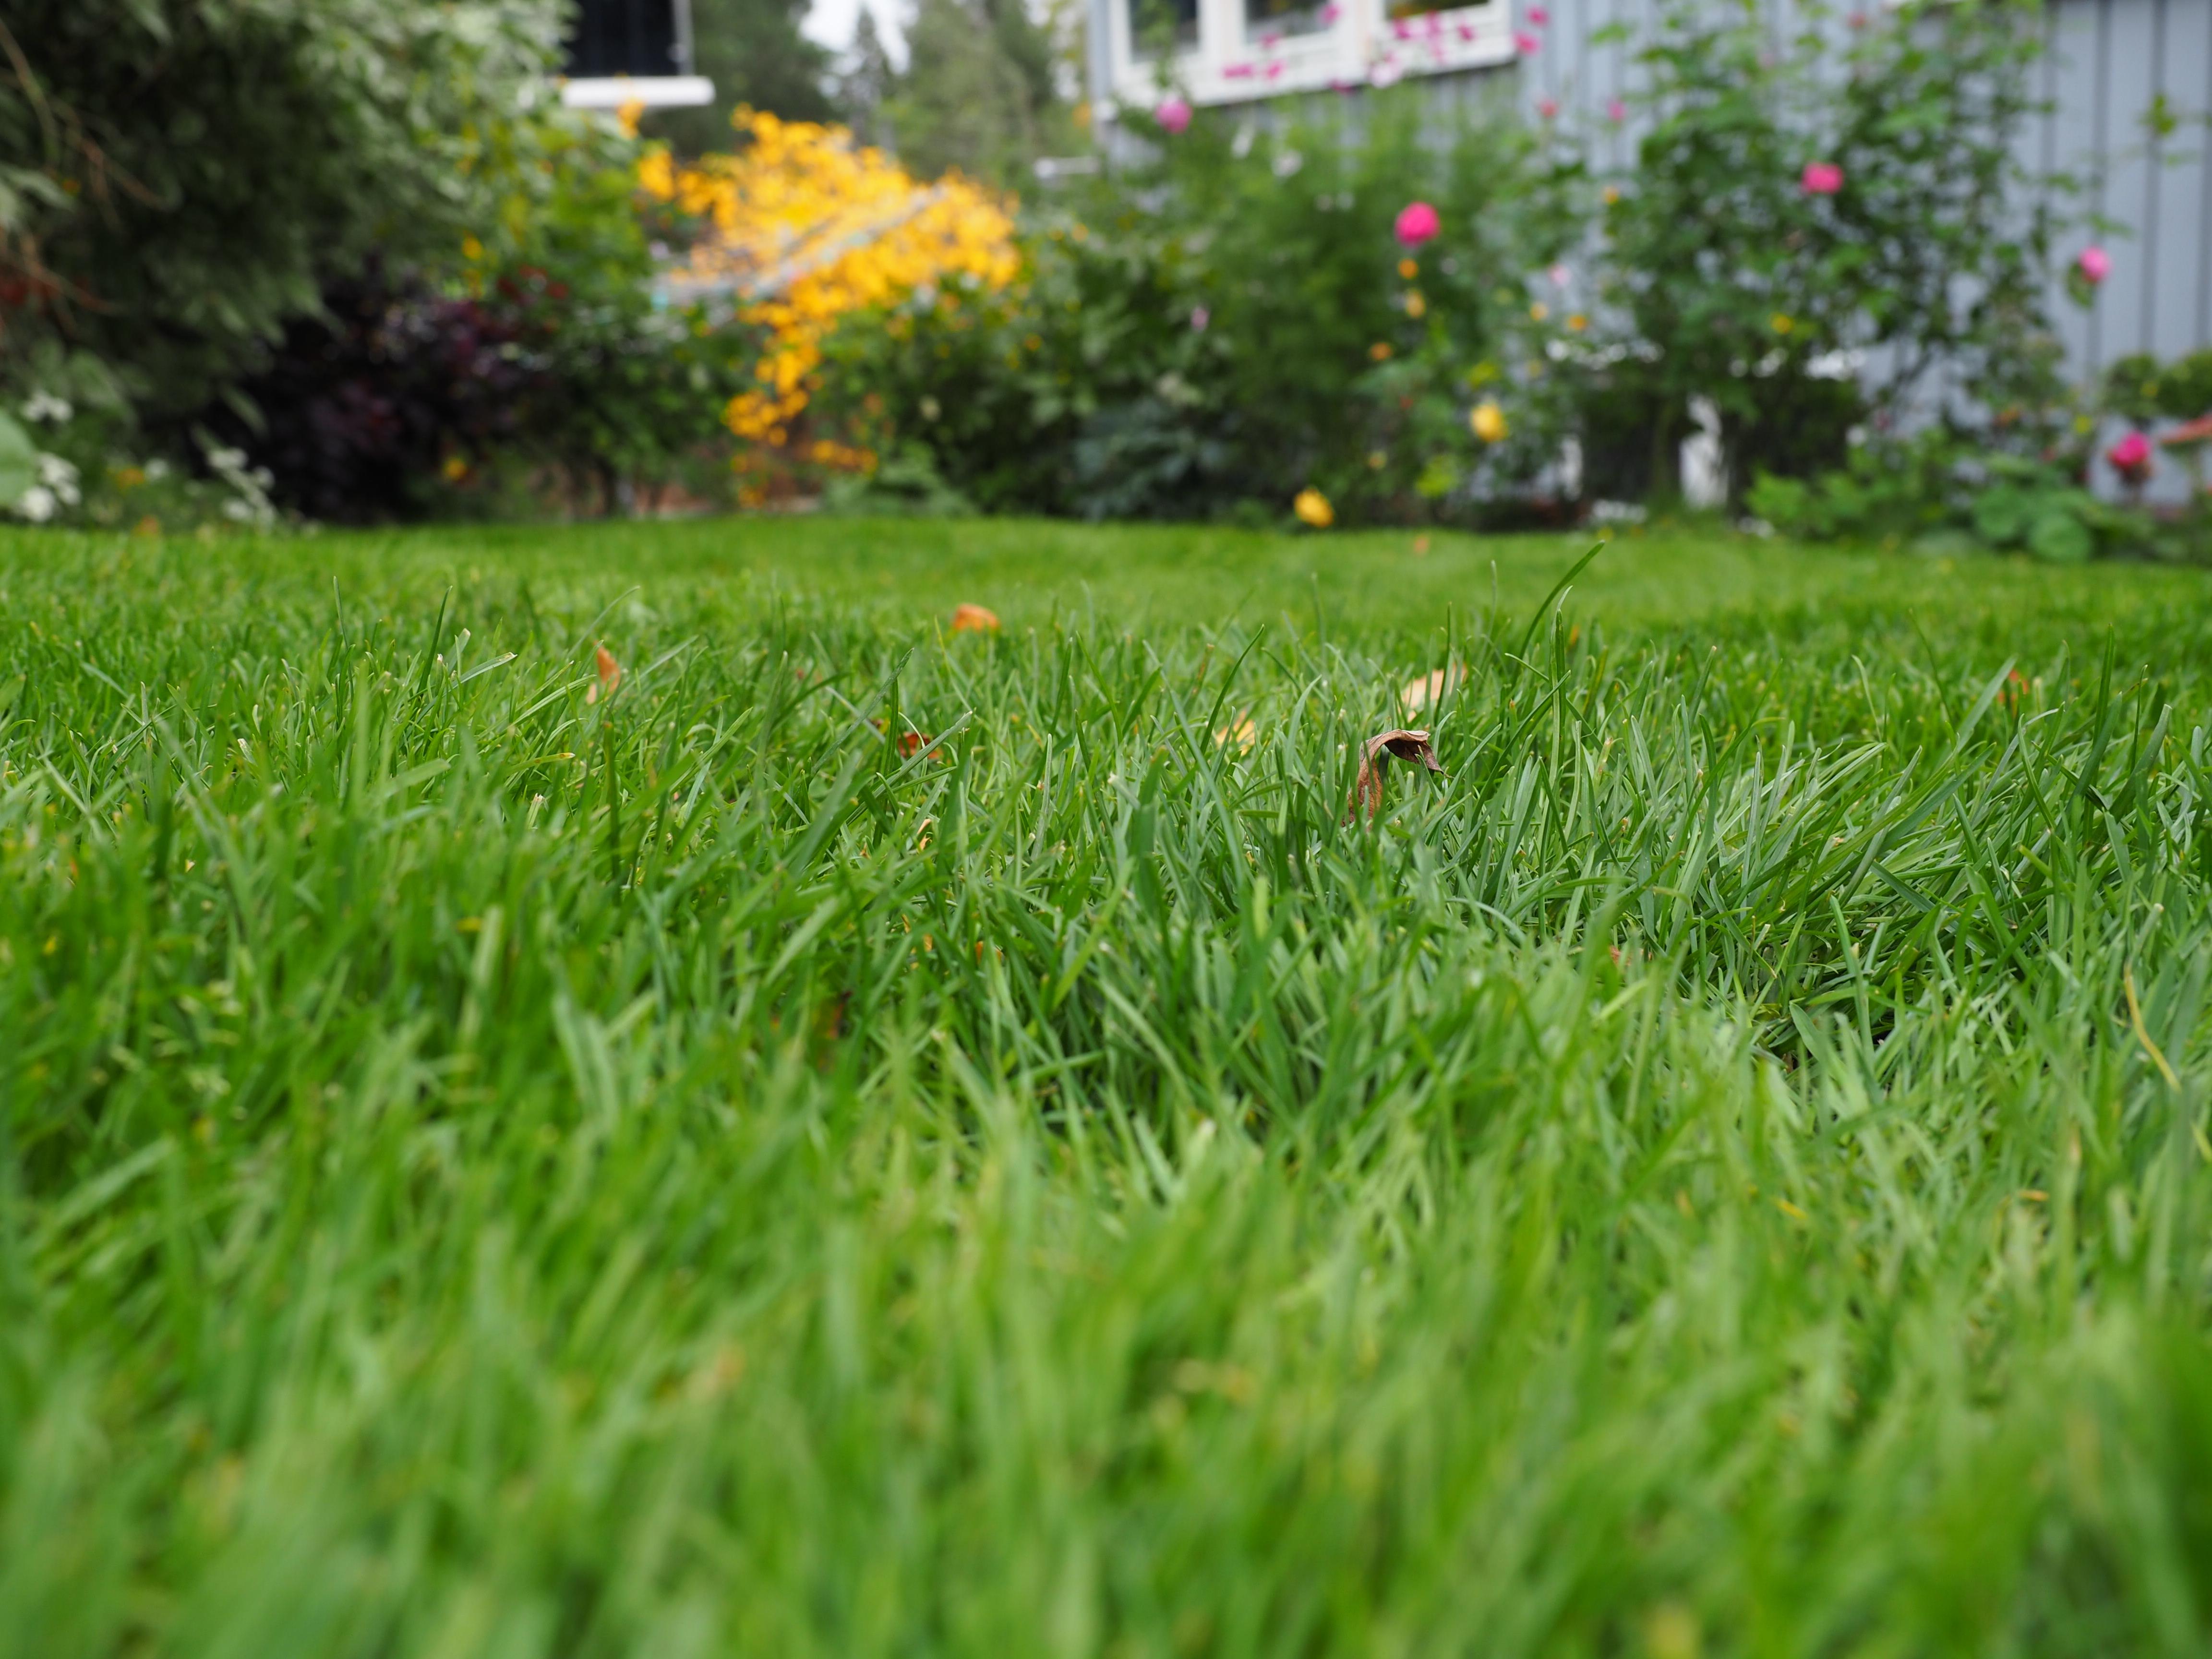 Slik gjør jeg nå for å få grønt gress og fin plen neste år